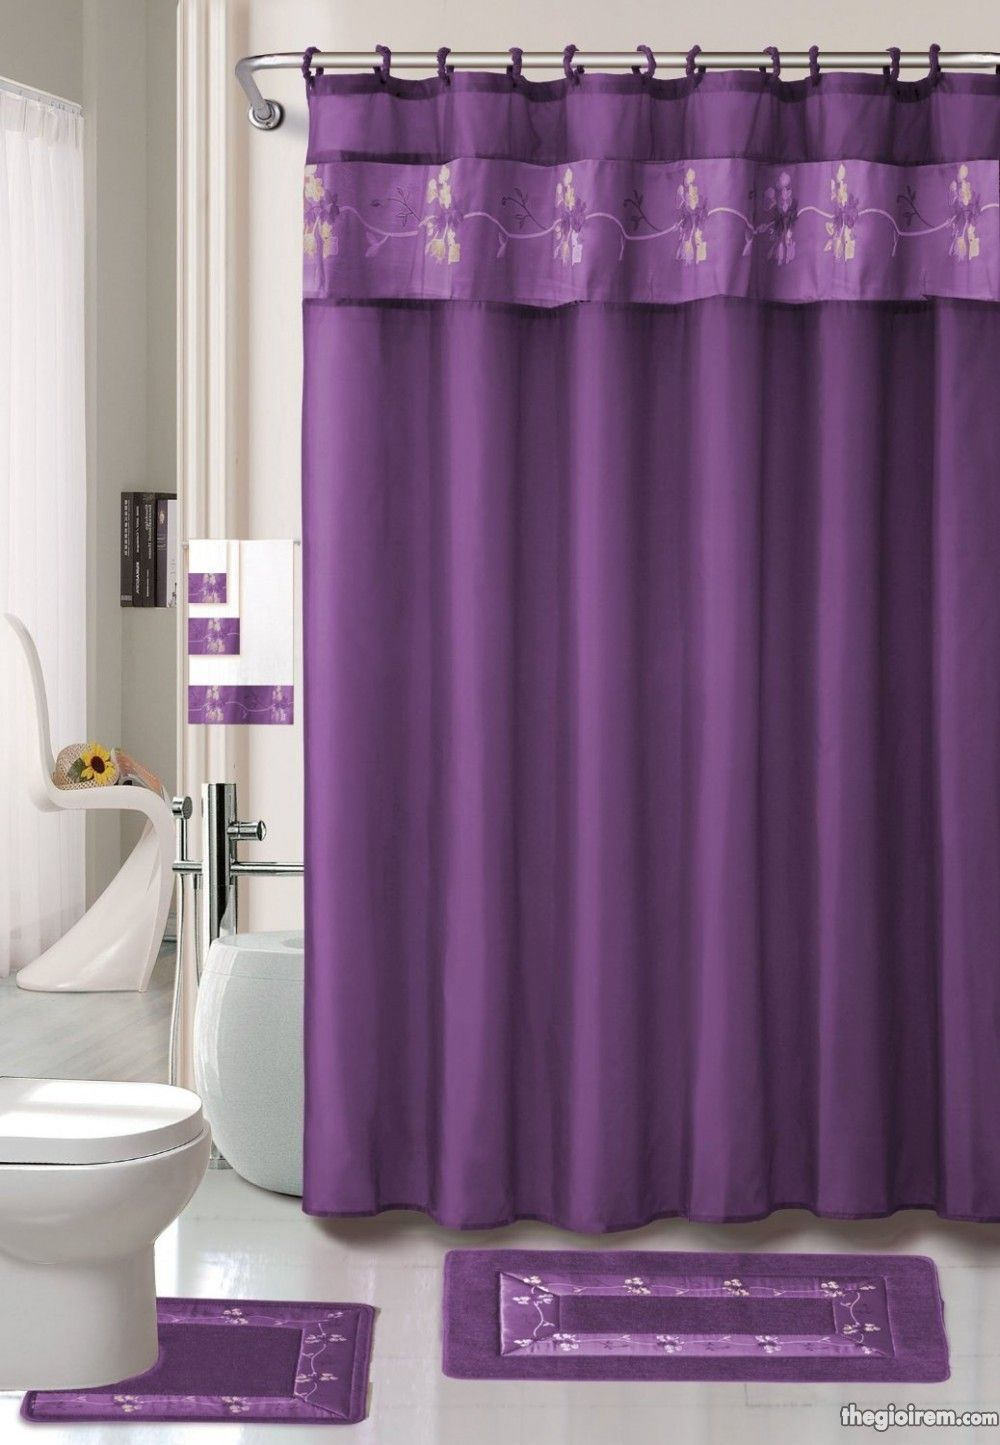 TRANG TRÍ RÈM CỬA MÀU TÍM HIỆN ĐẠI VÀ QUYẾN RŨ CHO PHÒNG TẮM Tin - Burgundy shower curtain sets